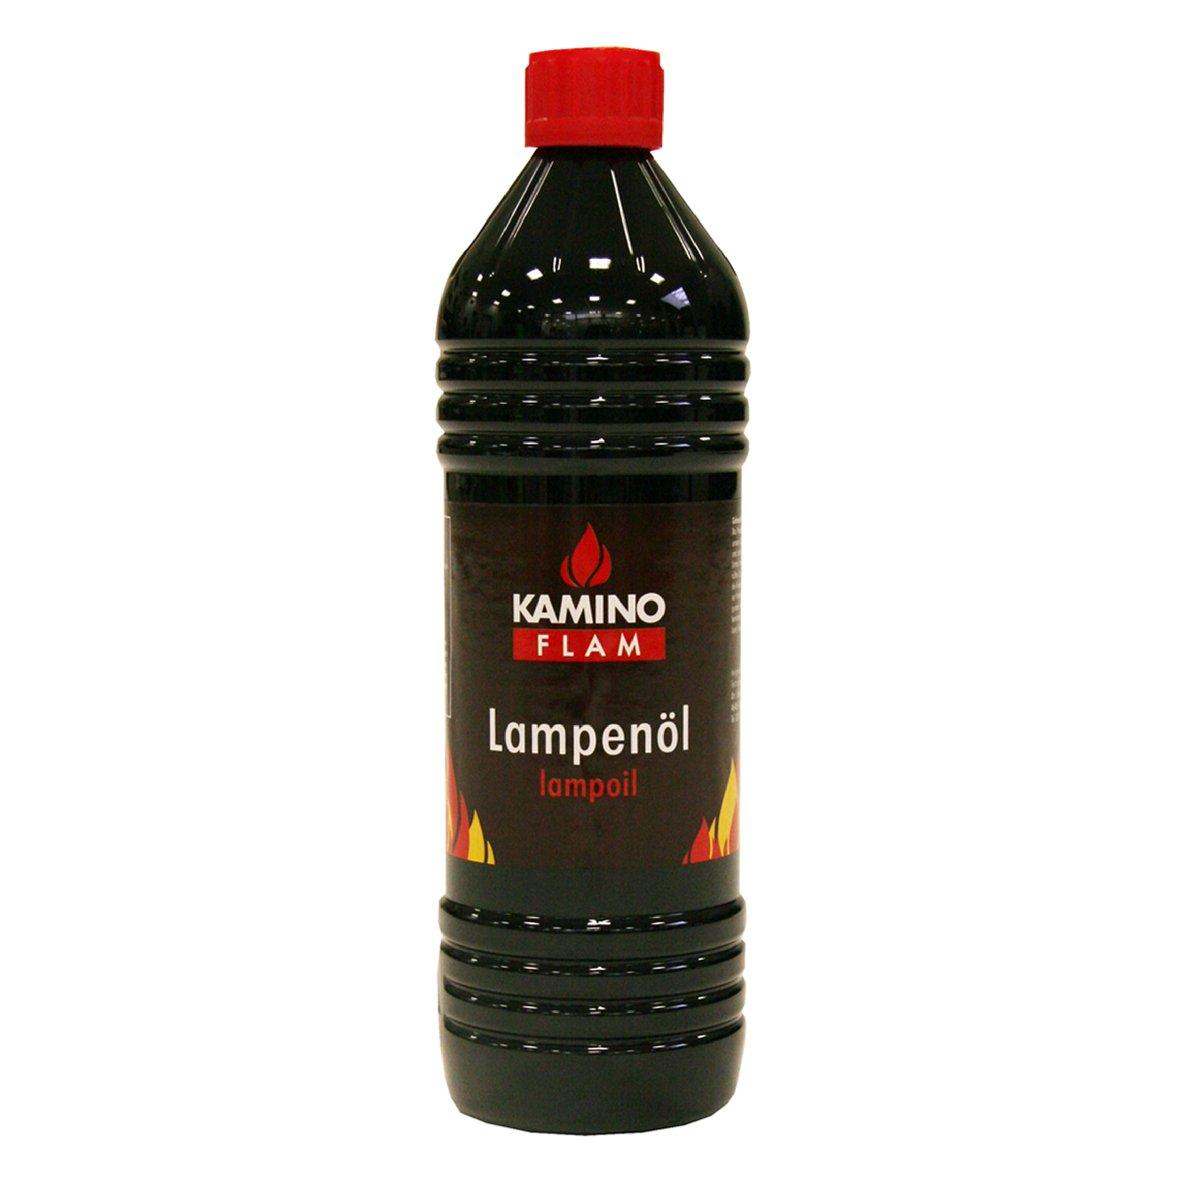 Kamino-Flam Aceite de Parafina Transparente 6x6x27 cm 338820: Amazon.es: Jardín